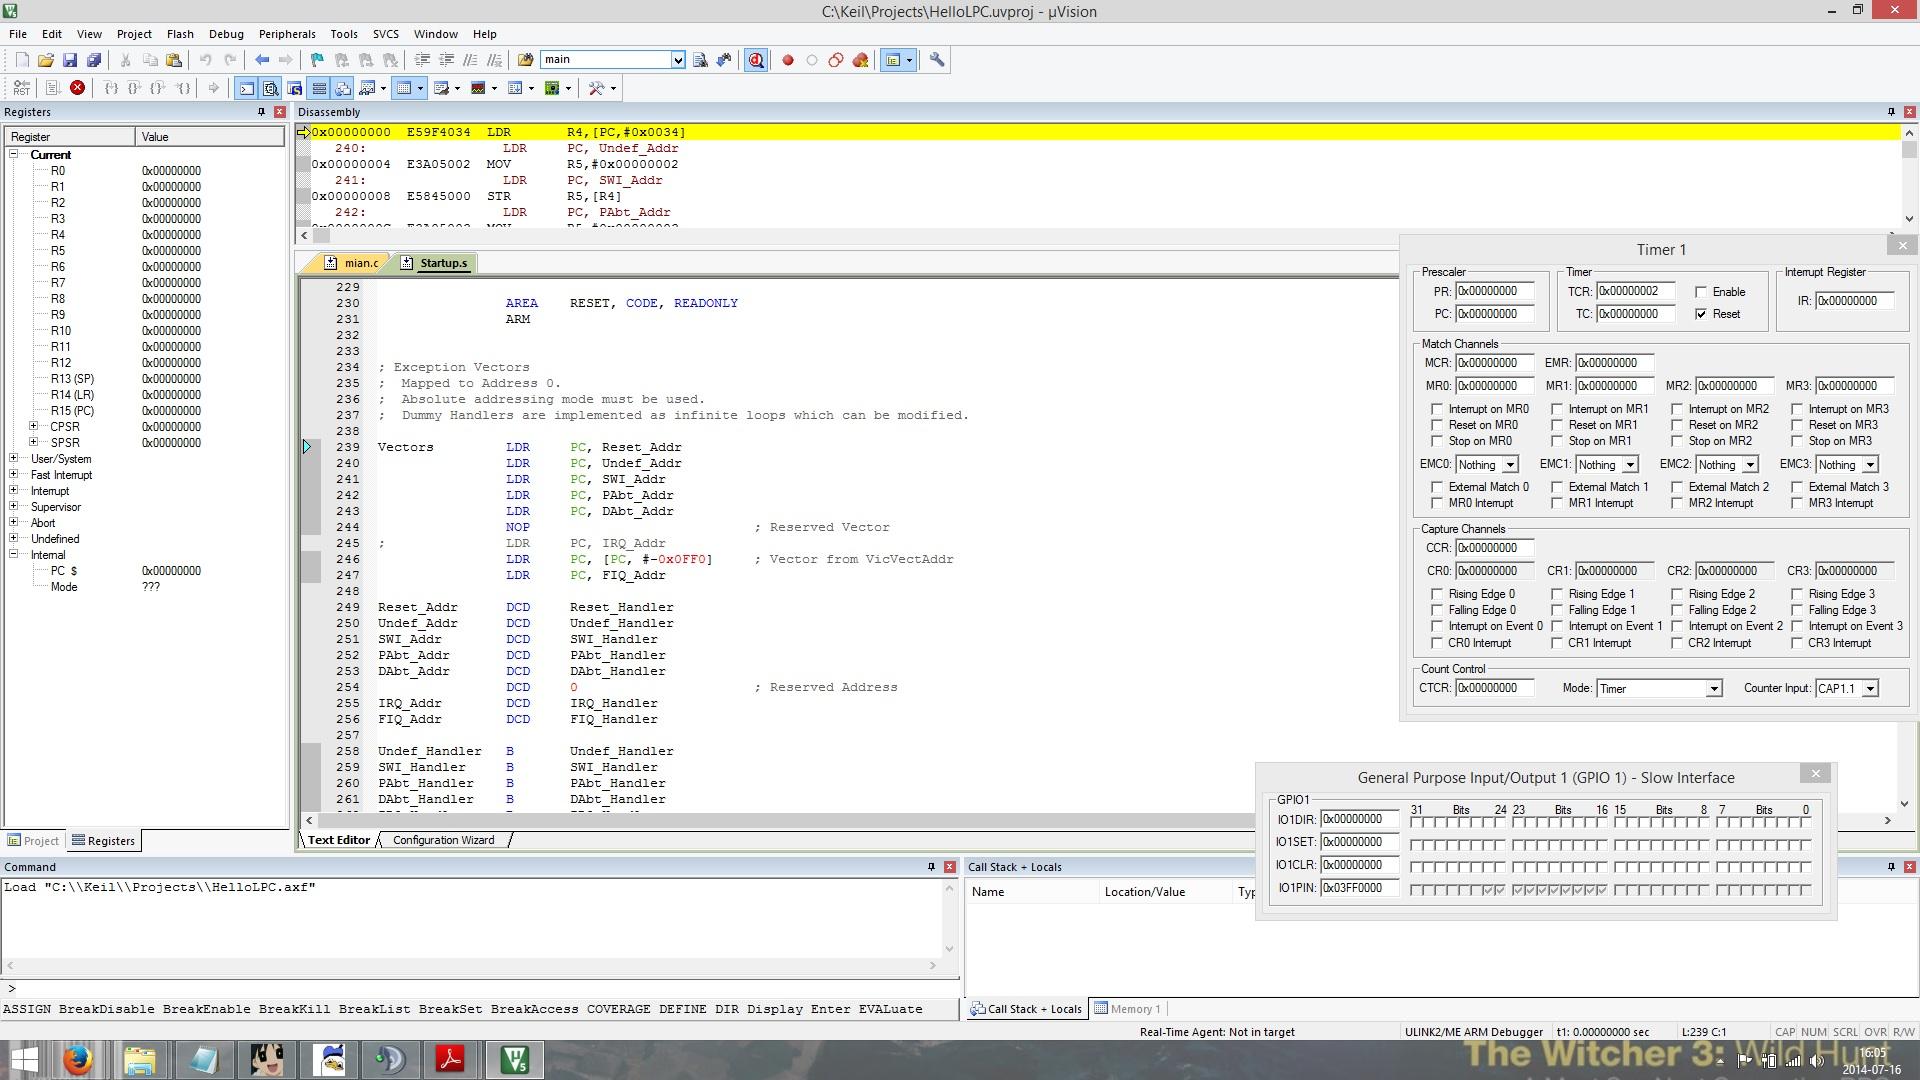 [ULINK2][LPC2138][EVBmmtm] Program nie wchodzi w main.